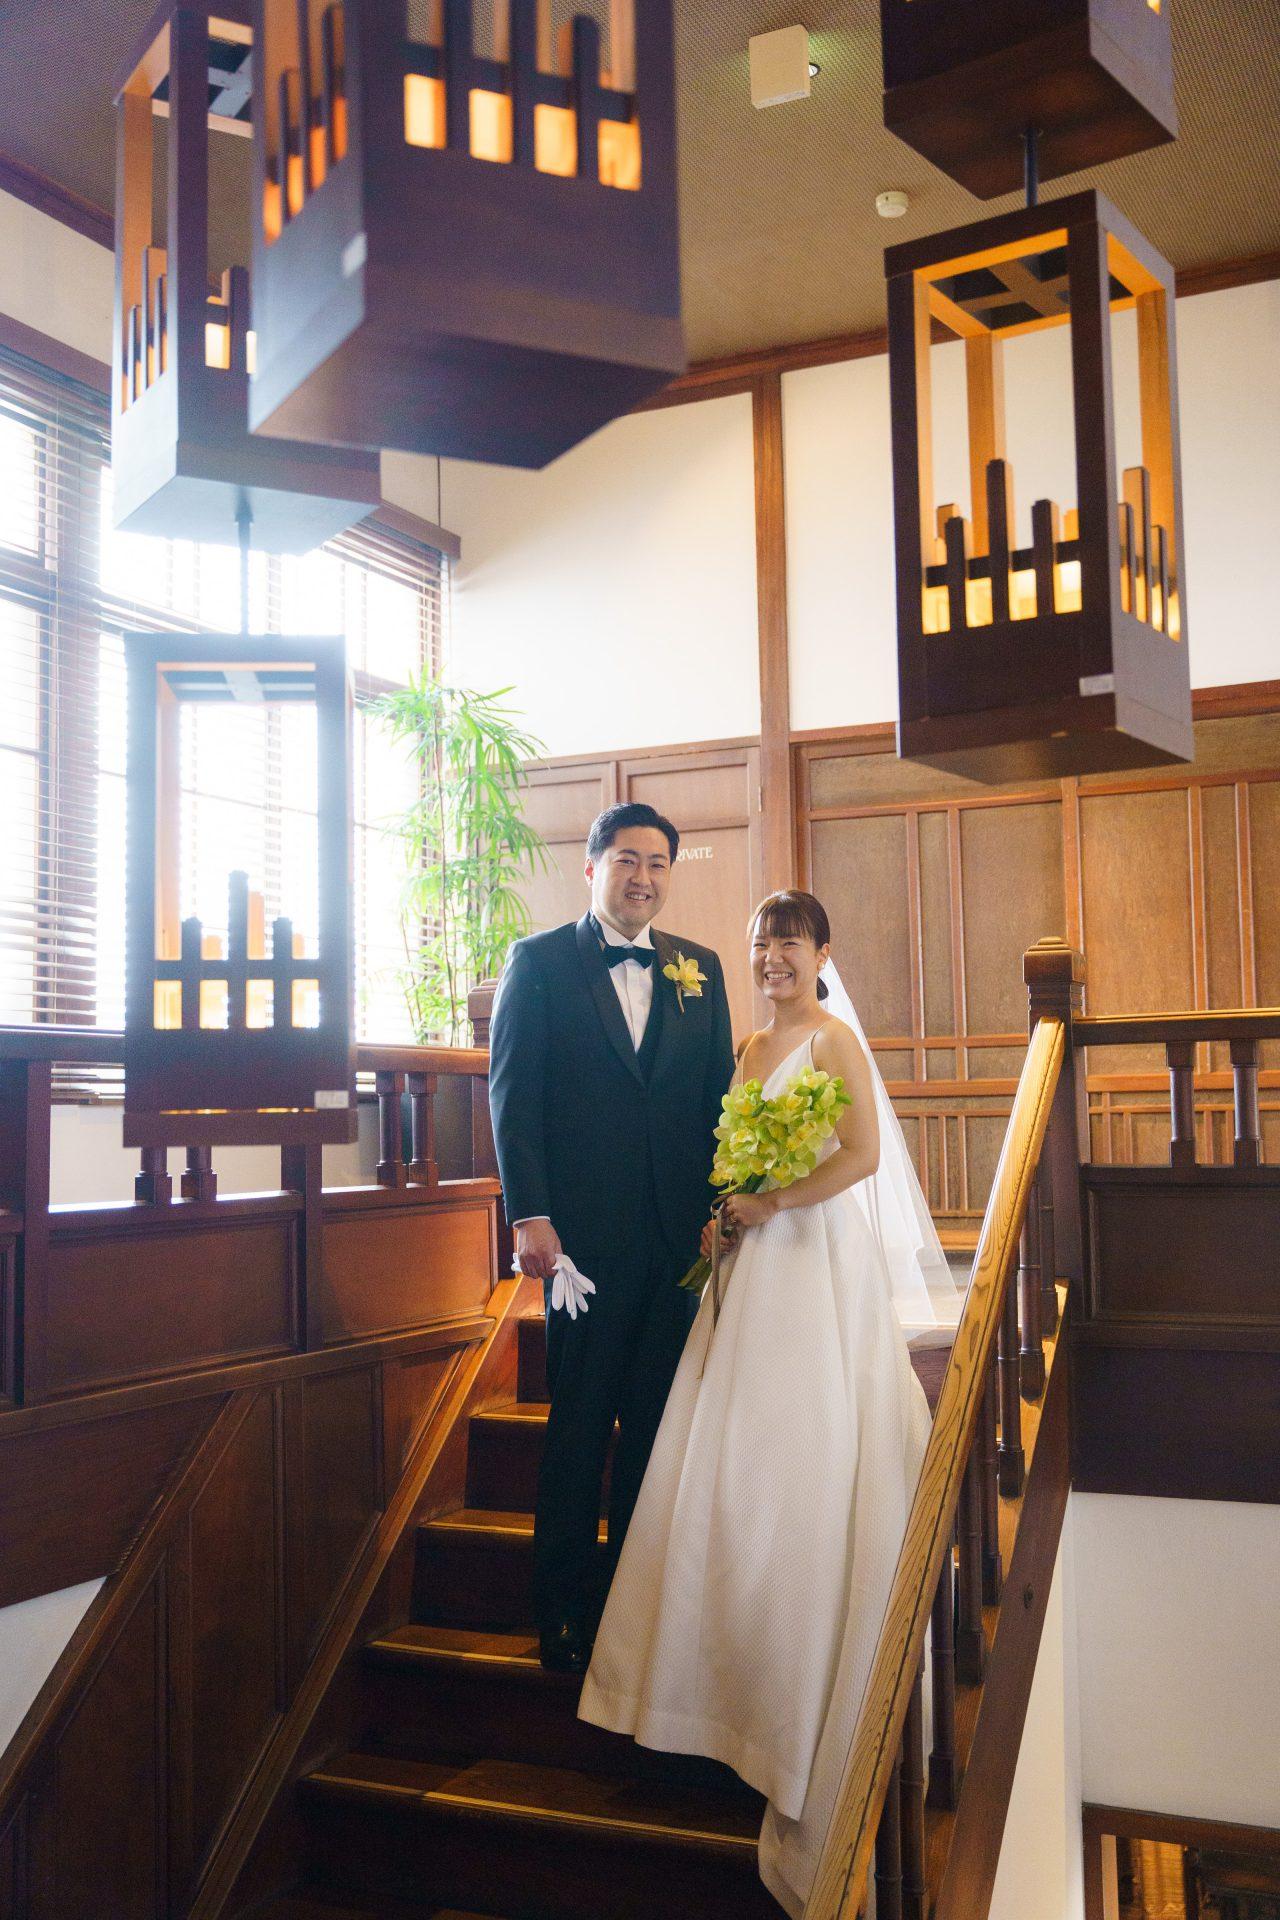 藤屋御本陳のX階段でTHE TREAT DRESSINGのレラローズのウェディングドレスを身に纏うご新婦様